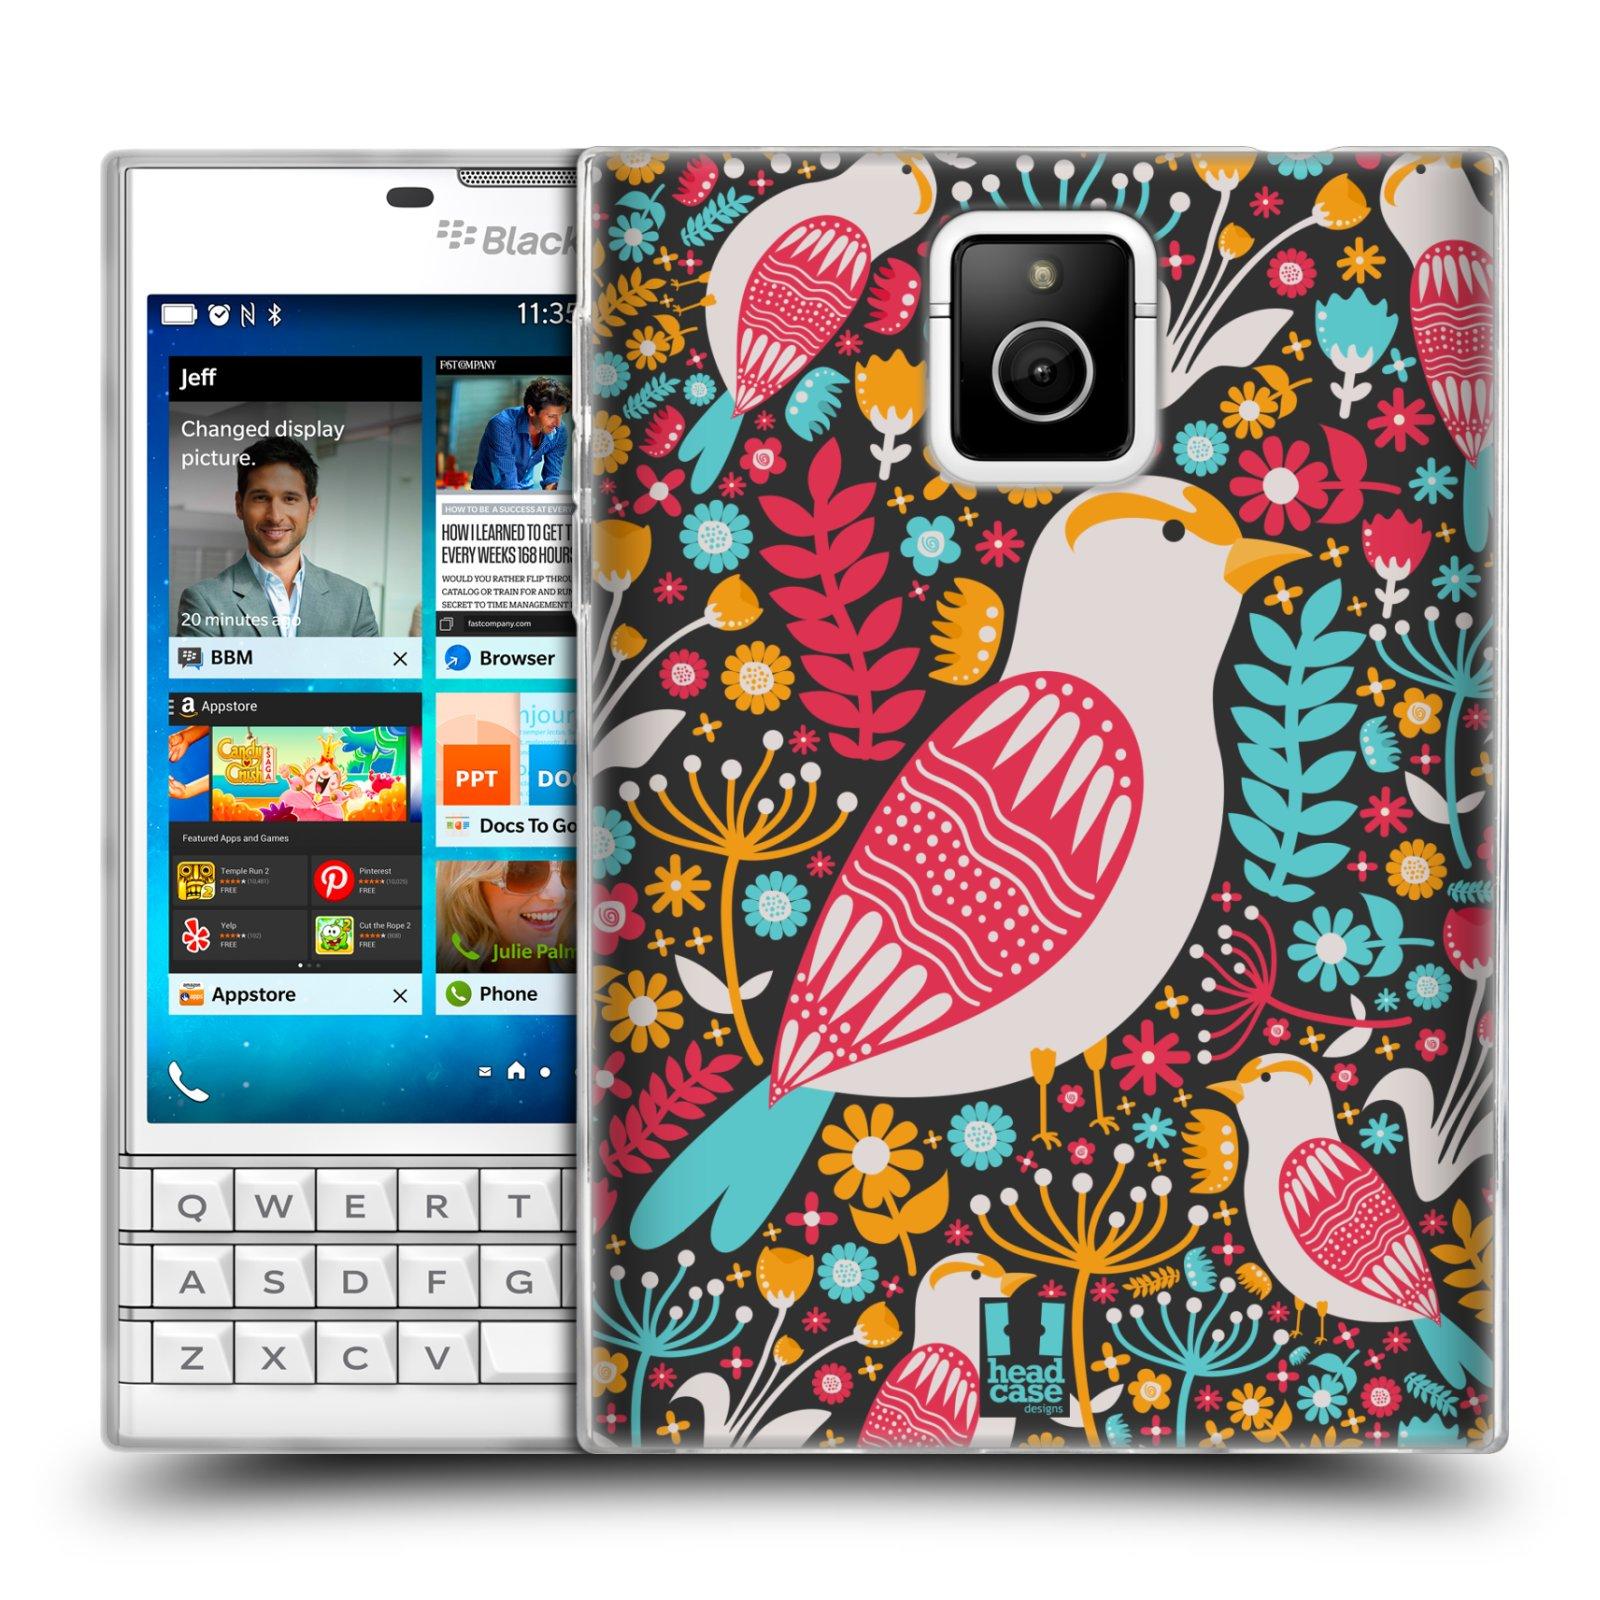 HEAD CASE silikonový obal na mobil Blackberry PASSPORT vzor kreslení ptáci dlask obecný